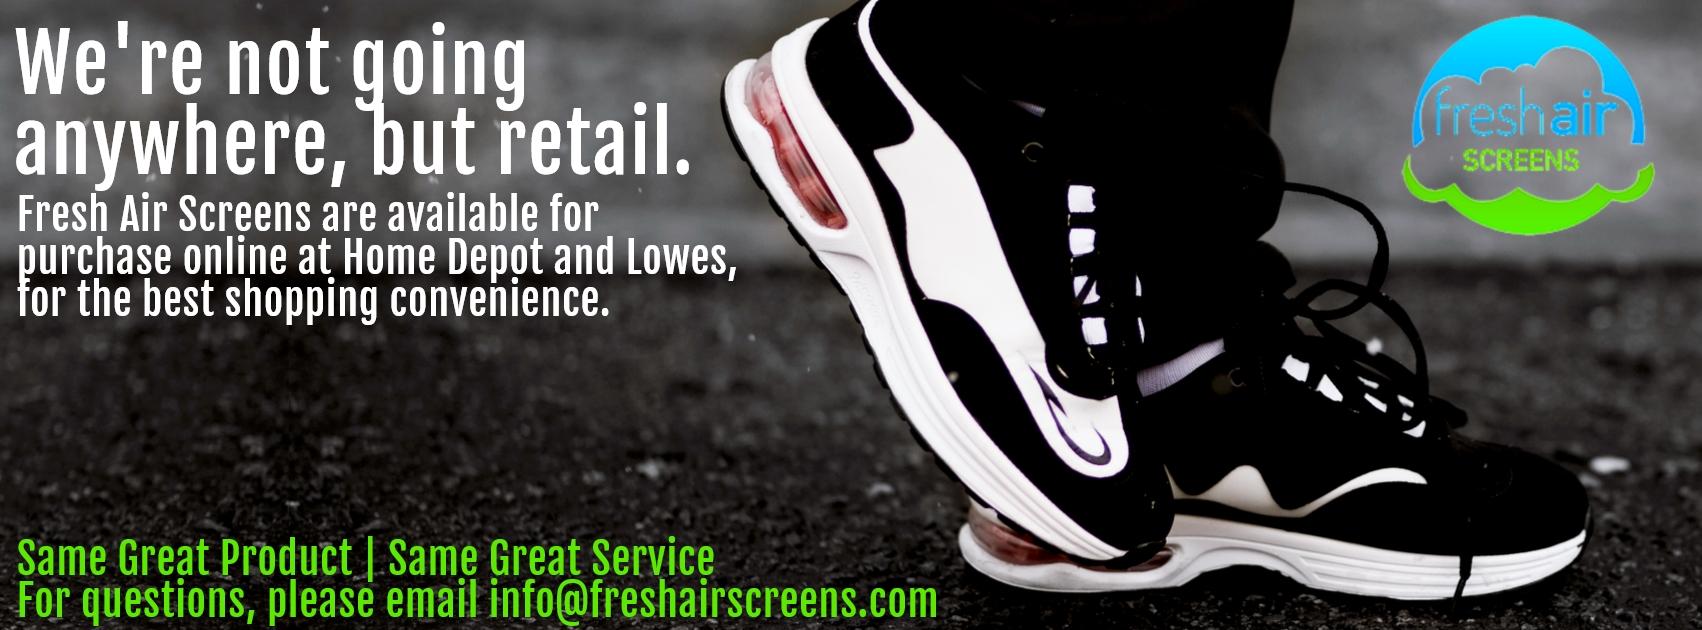 Fresh Air Screens Retail Announcement